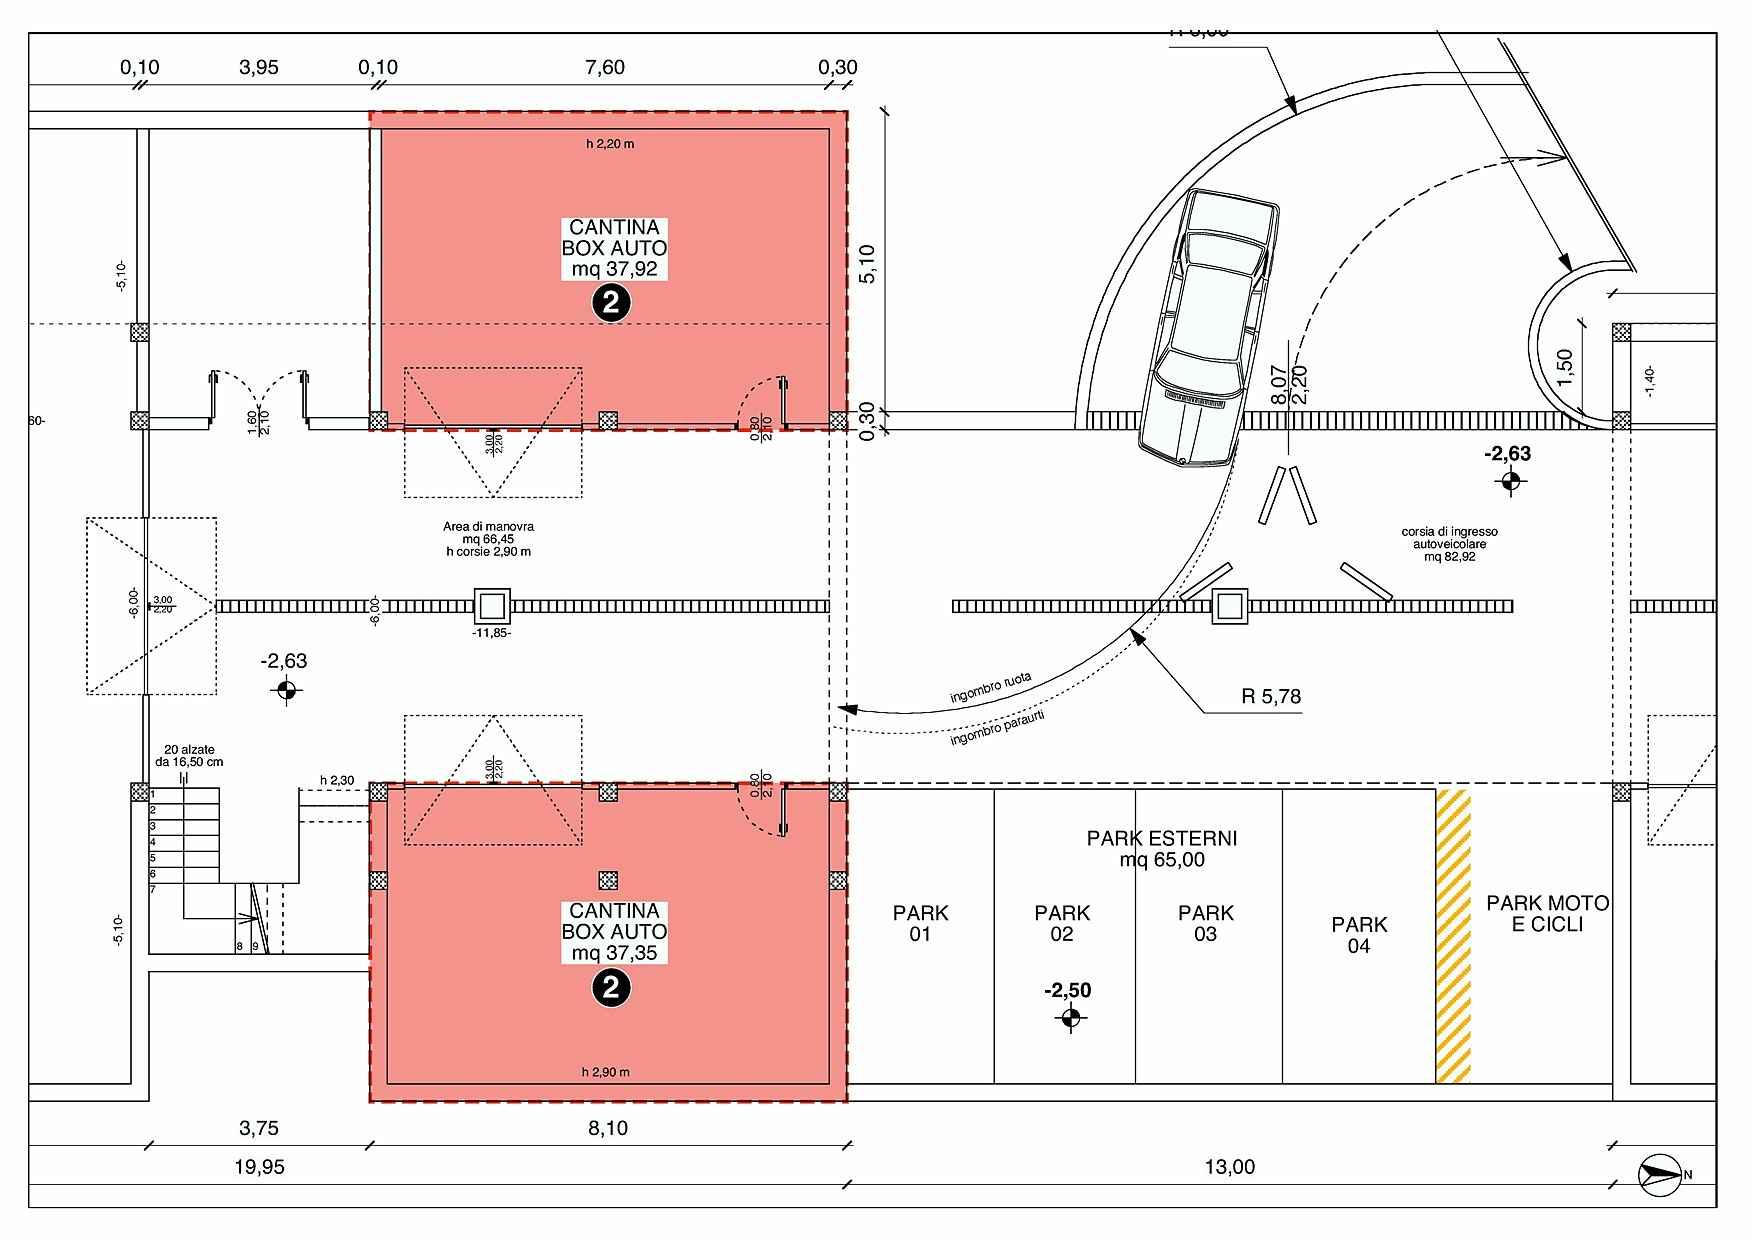 Villetta a schiera riva del garda casa 2 for Piccoli piani di casa con cantina e garage